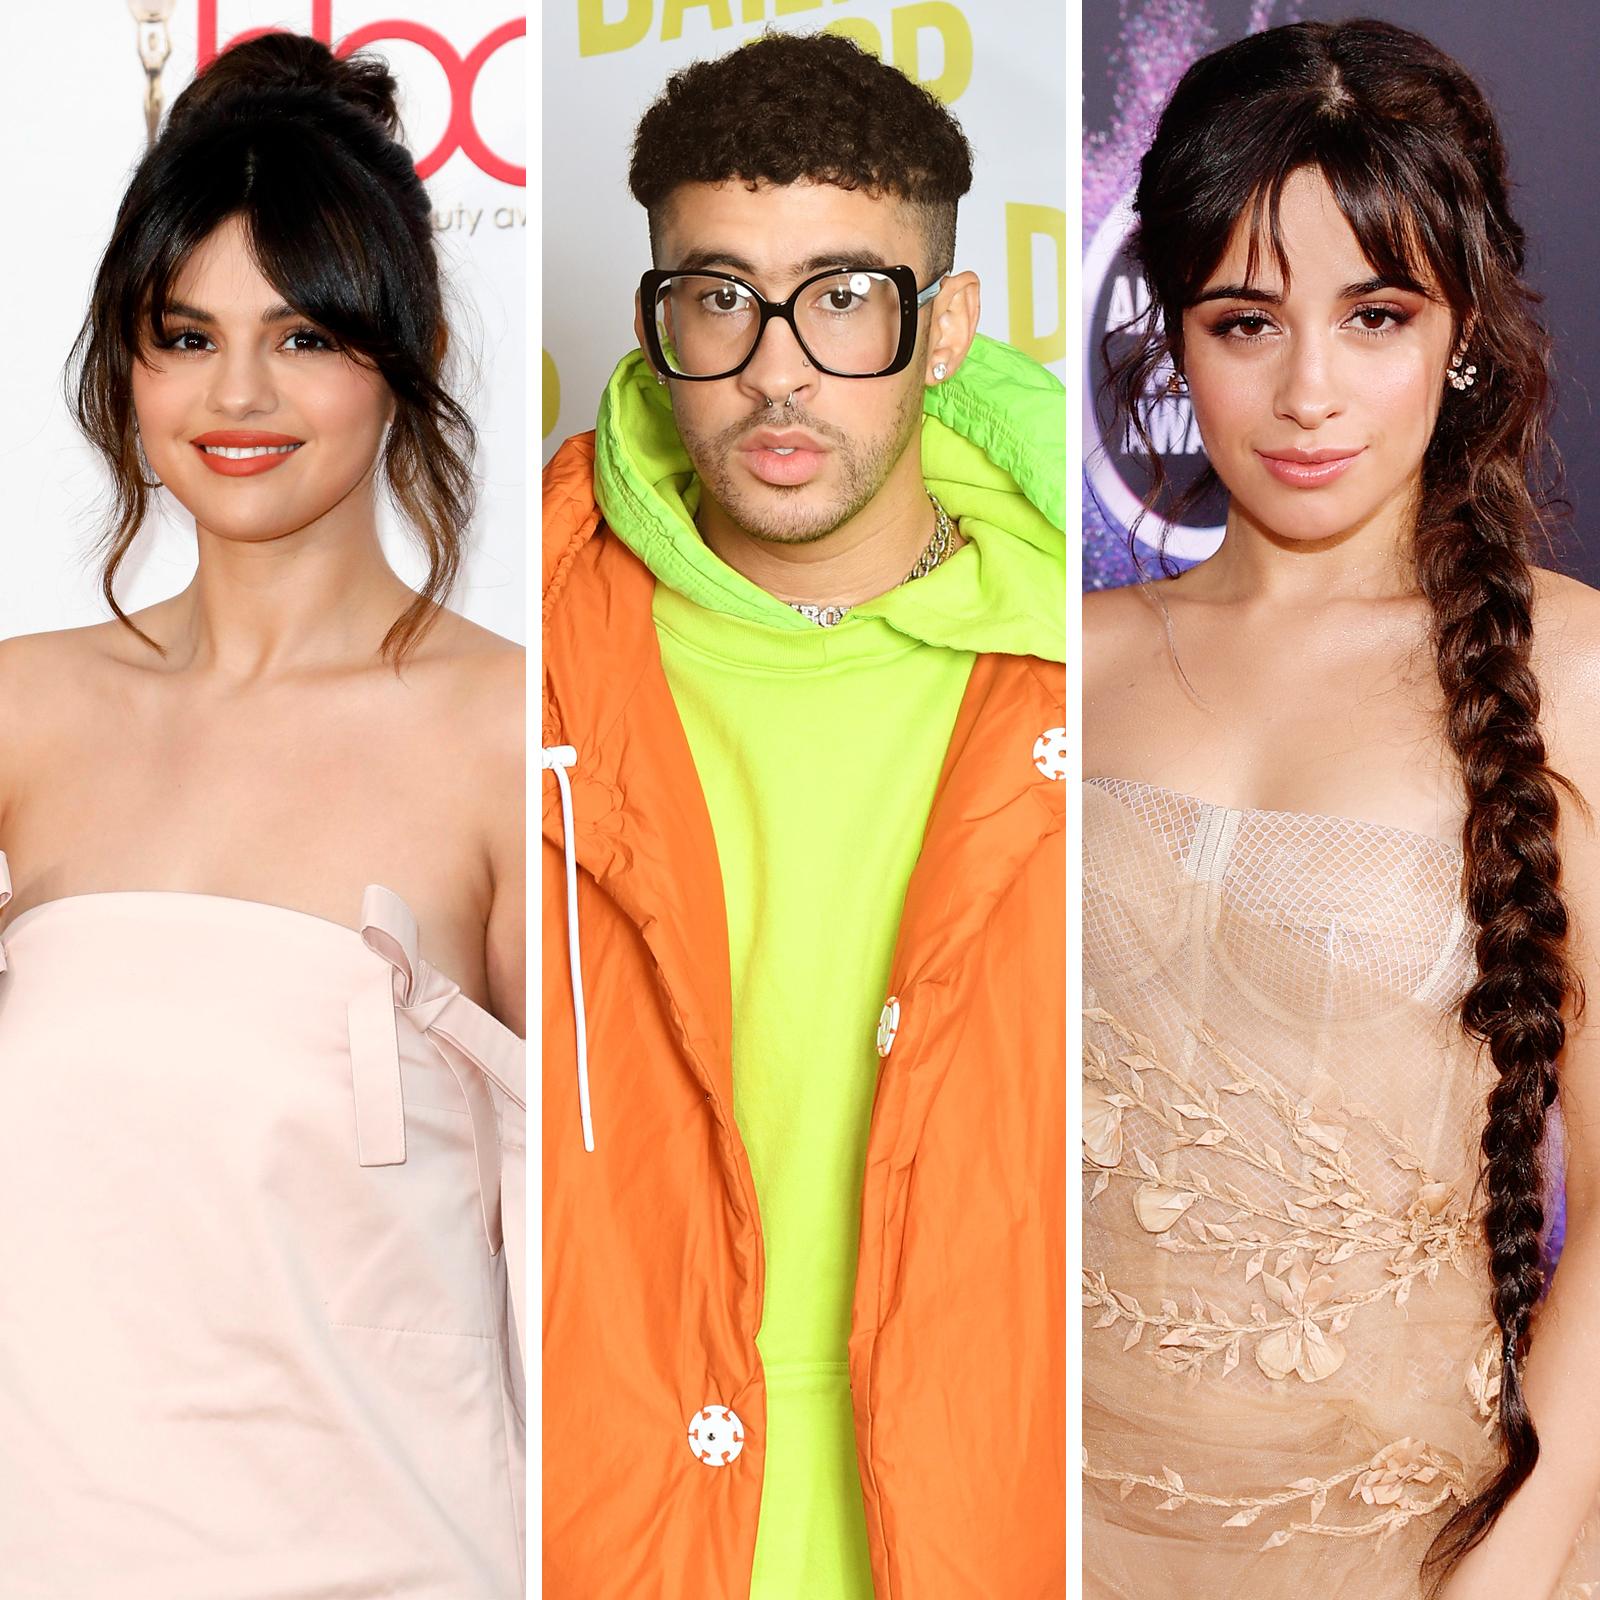 Selena Gomez, Bad Bunny y Camila Cabello